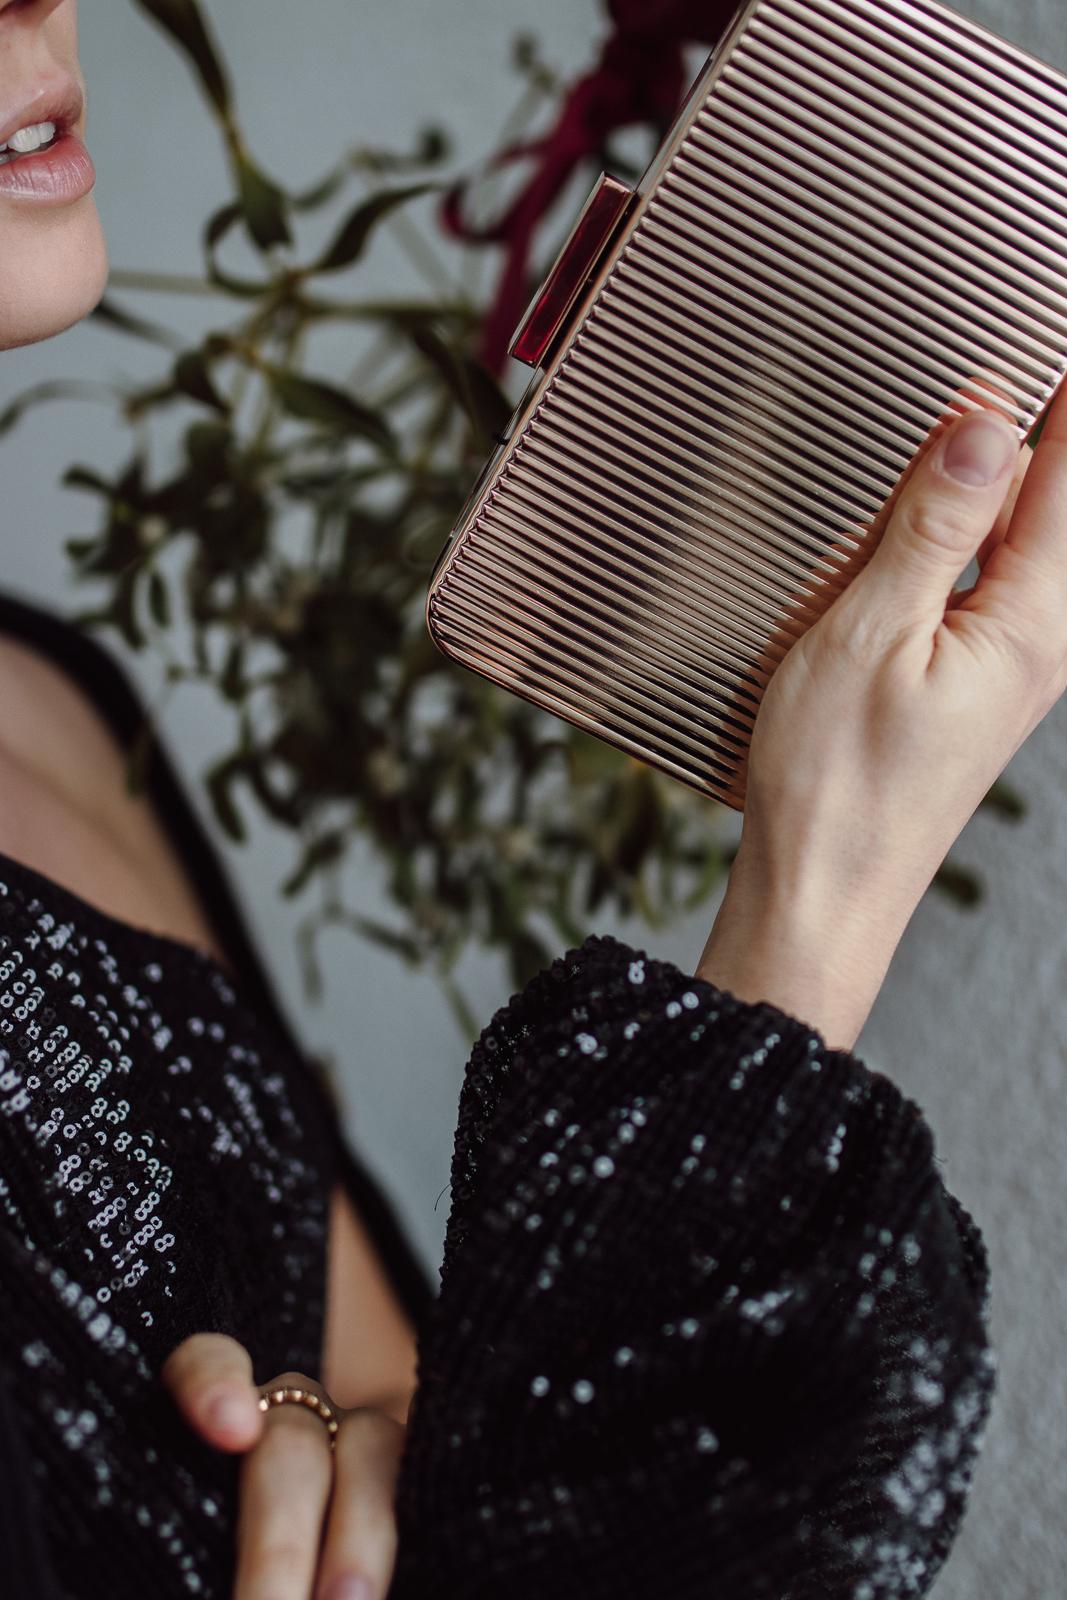 Ideen für Weihnachtsgeschenke 2020 auf dem österreichischen Lifestyle Blog Bits and Bobs by Eva. Mehr auf www.bitsandbobsbyeva.com